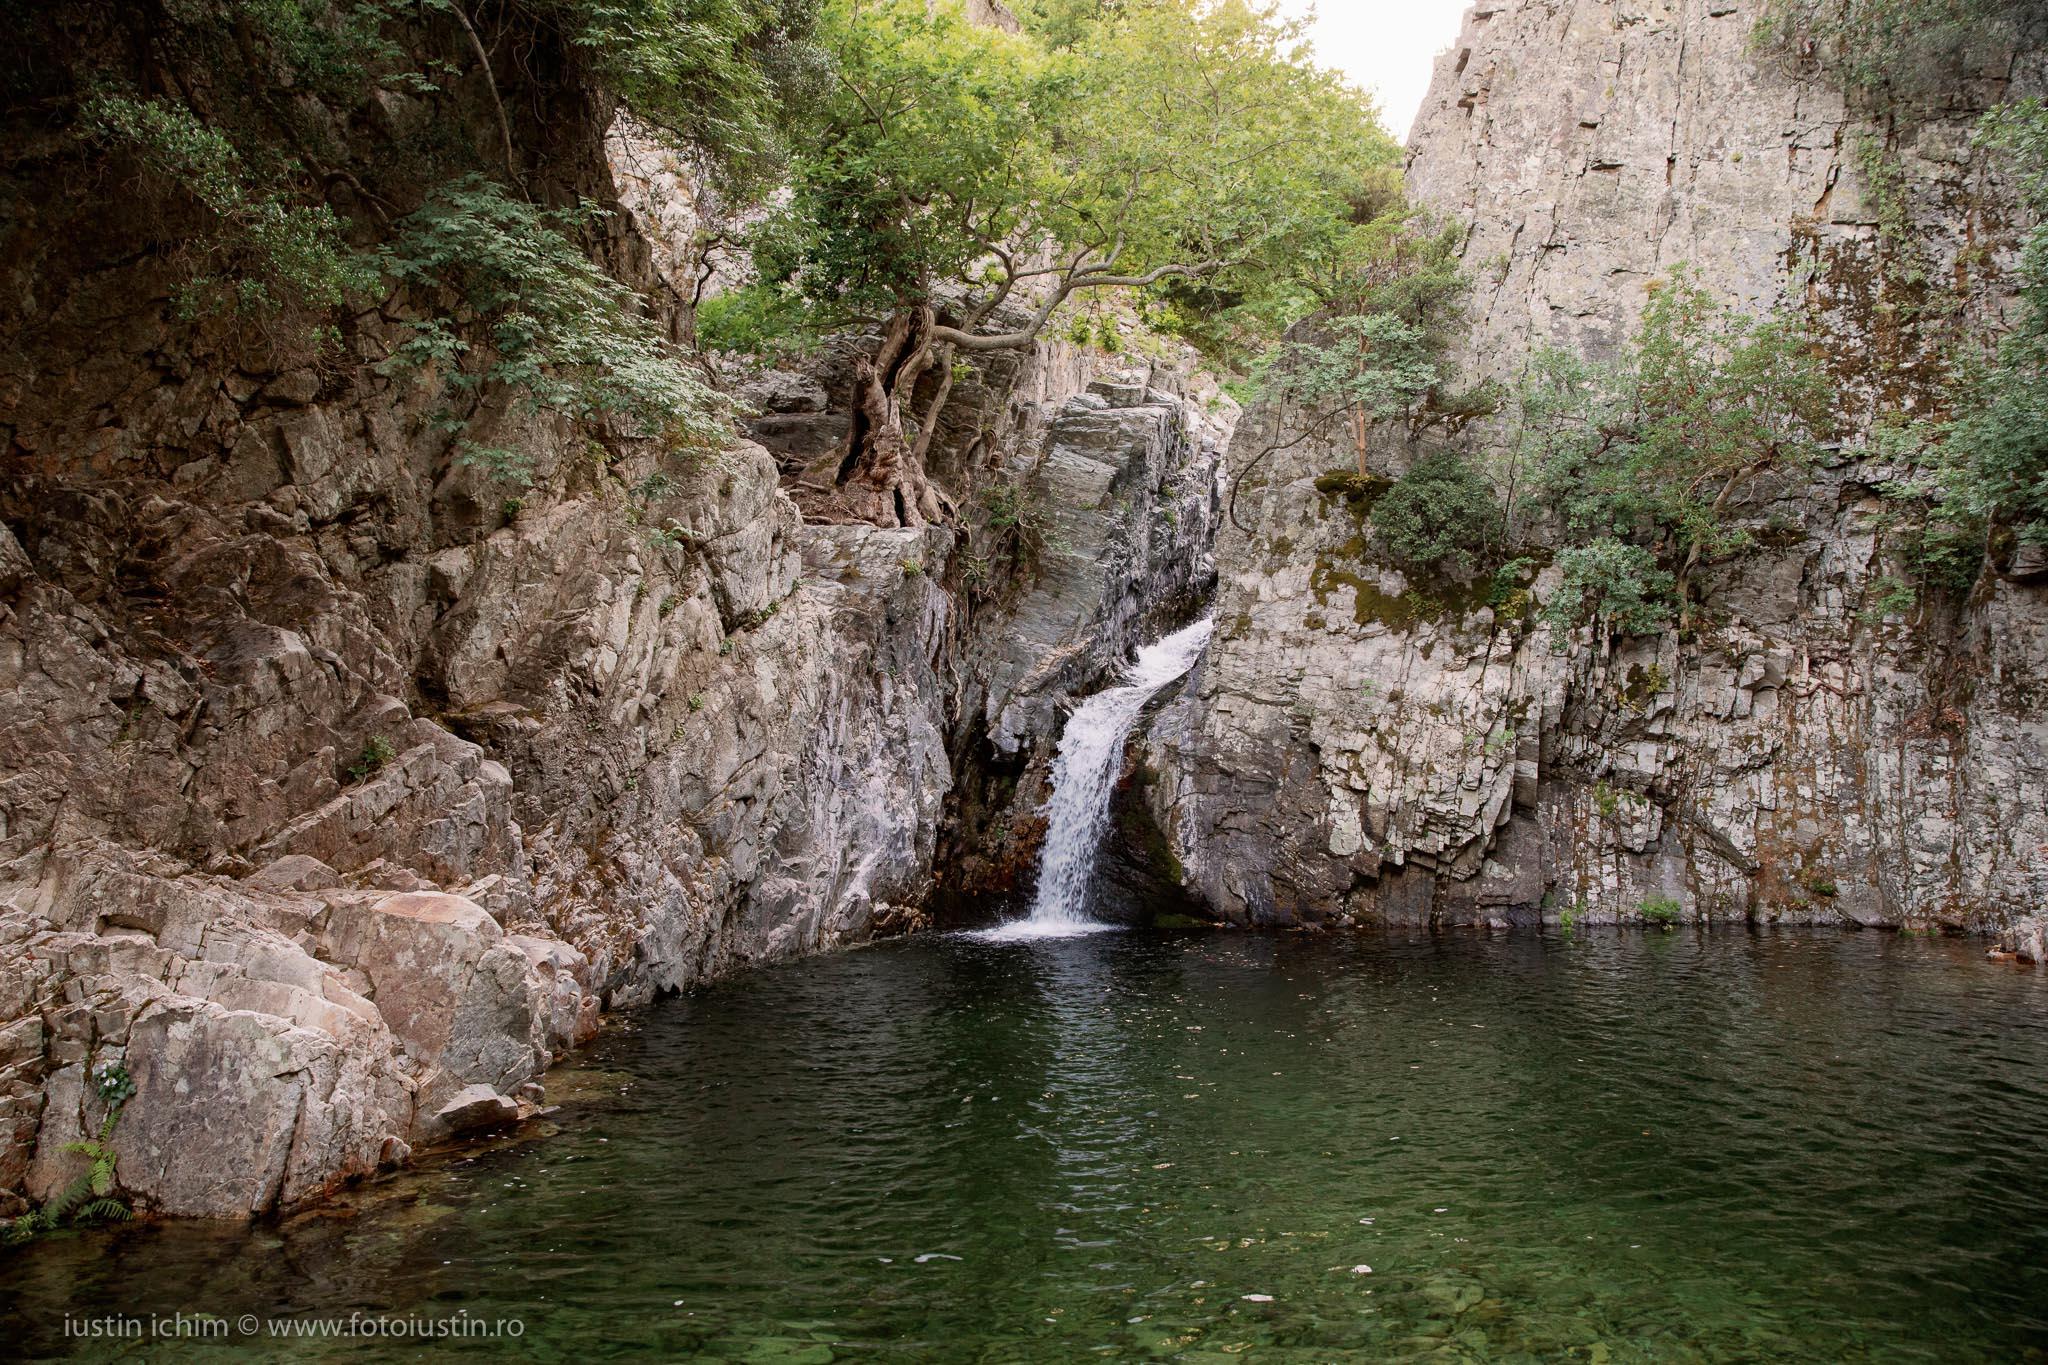 Cascadă pe râul Fonias